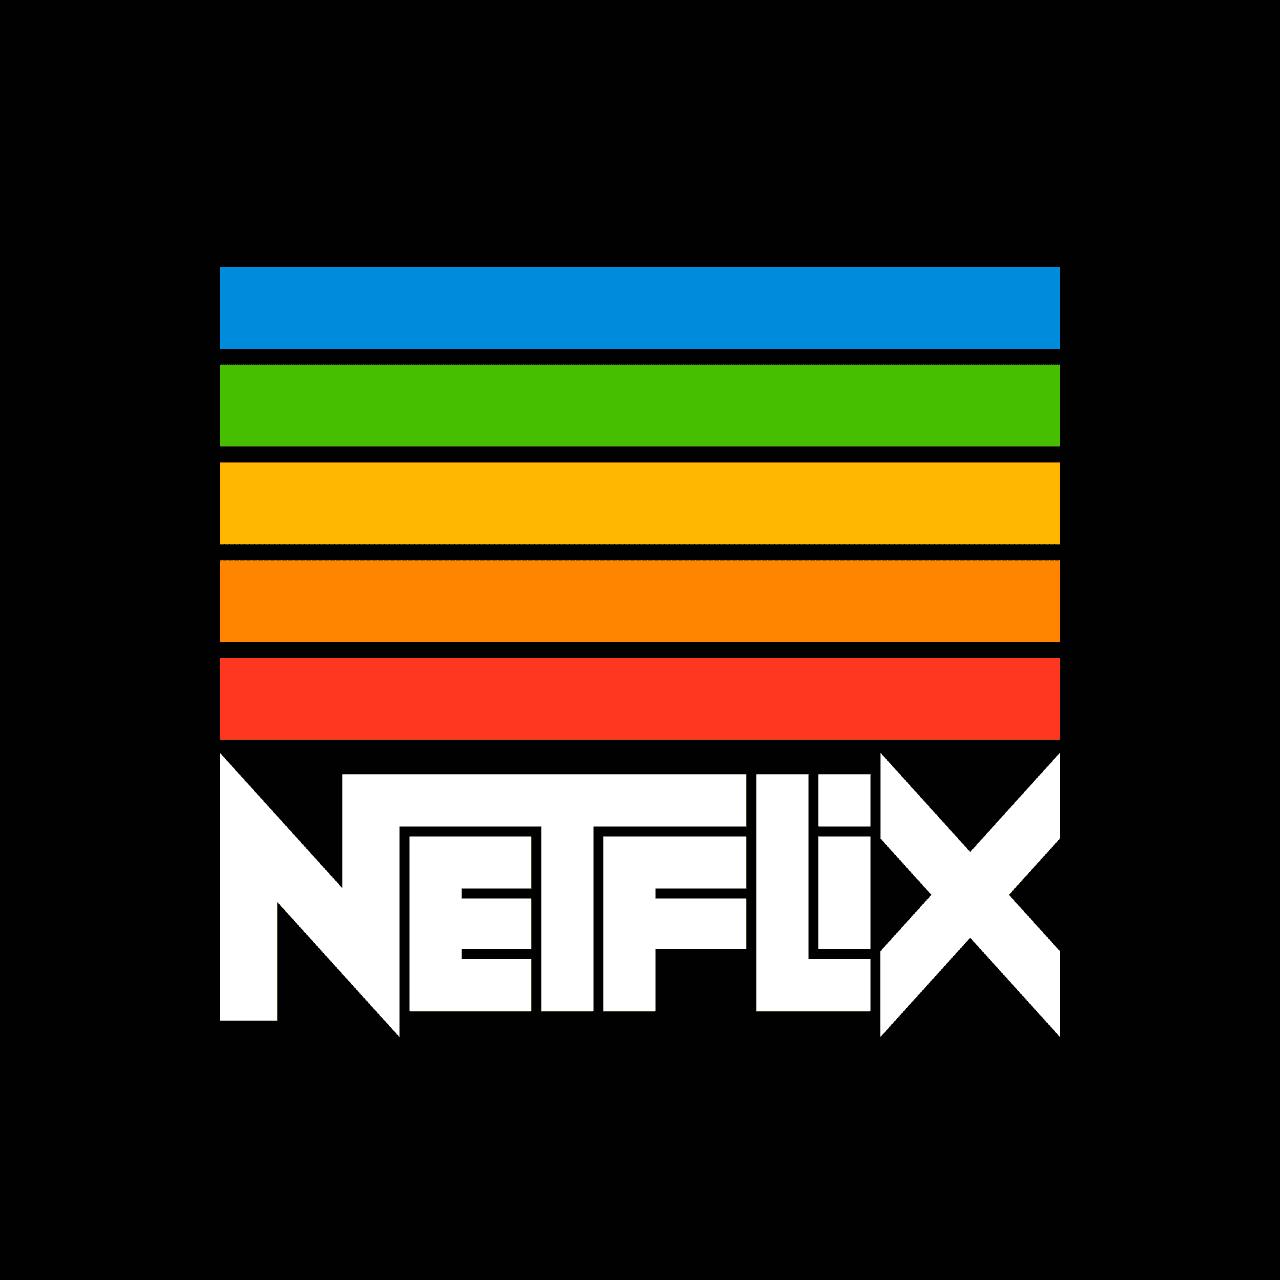 netflix vintage logo rafael serra